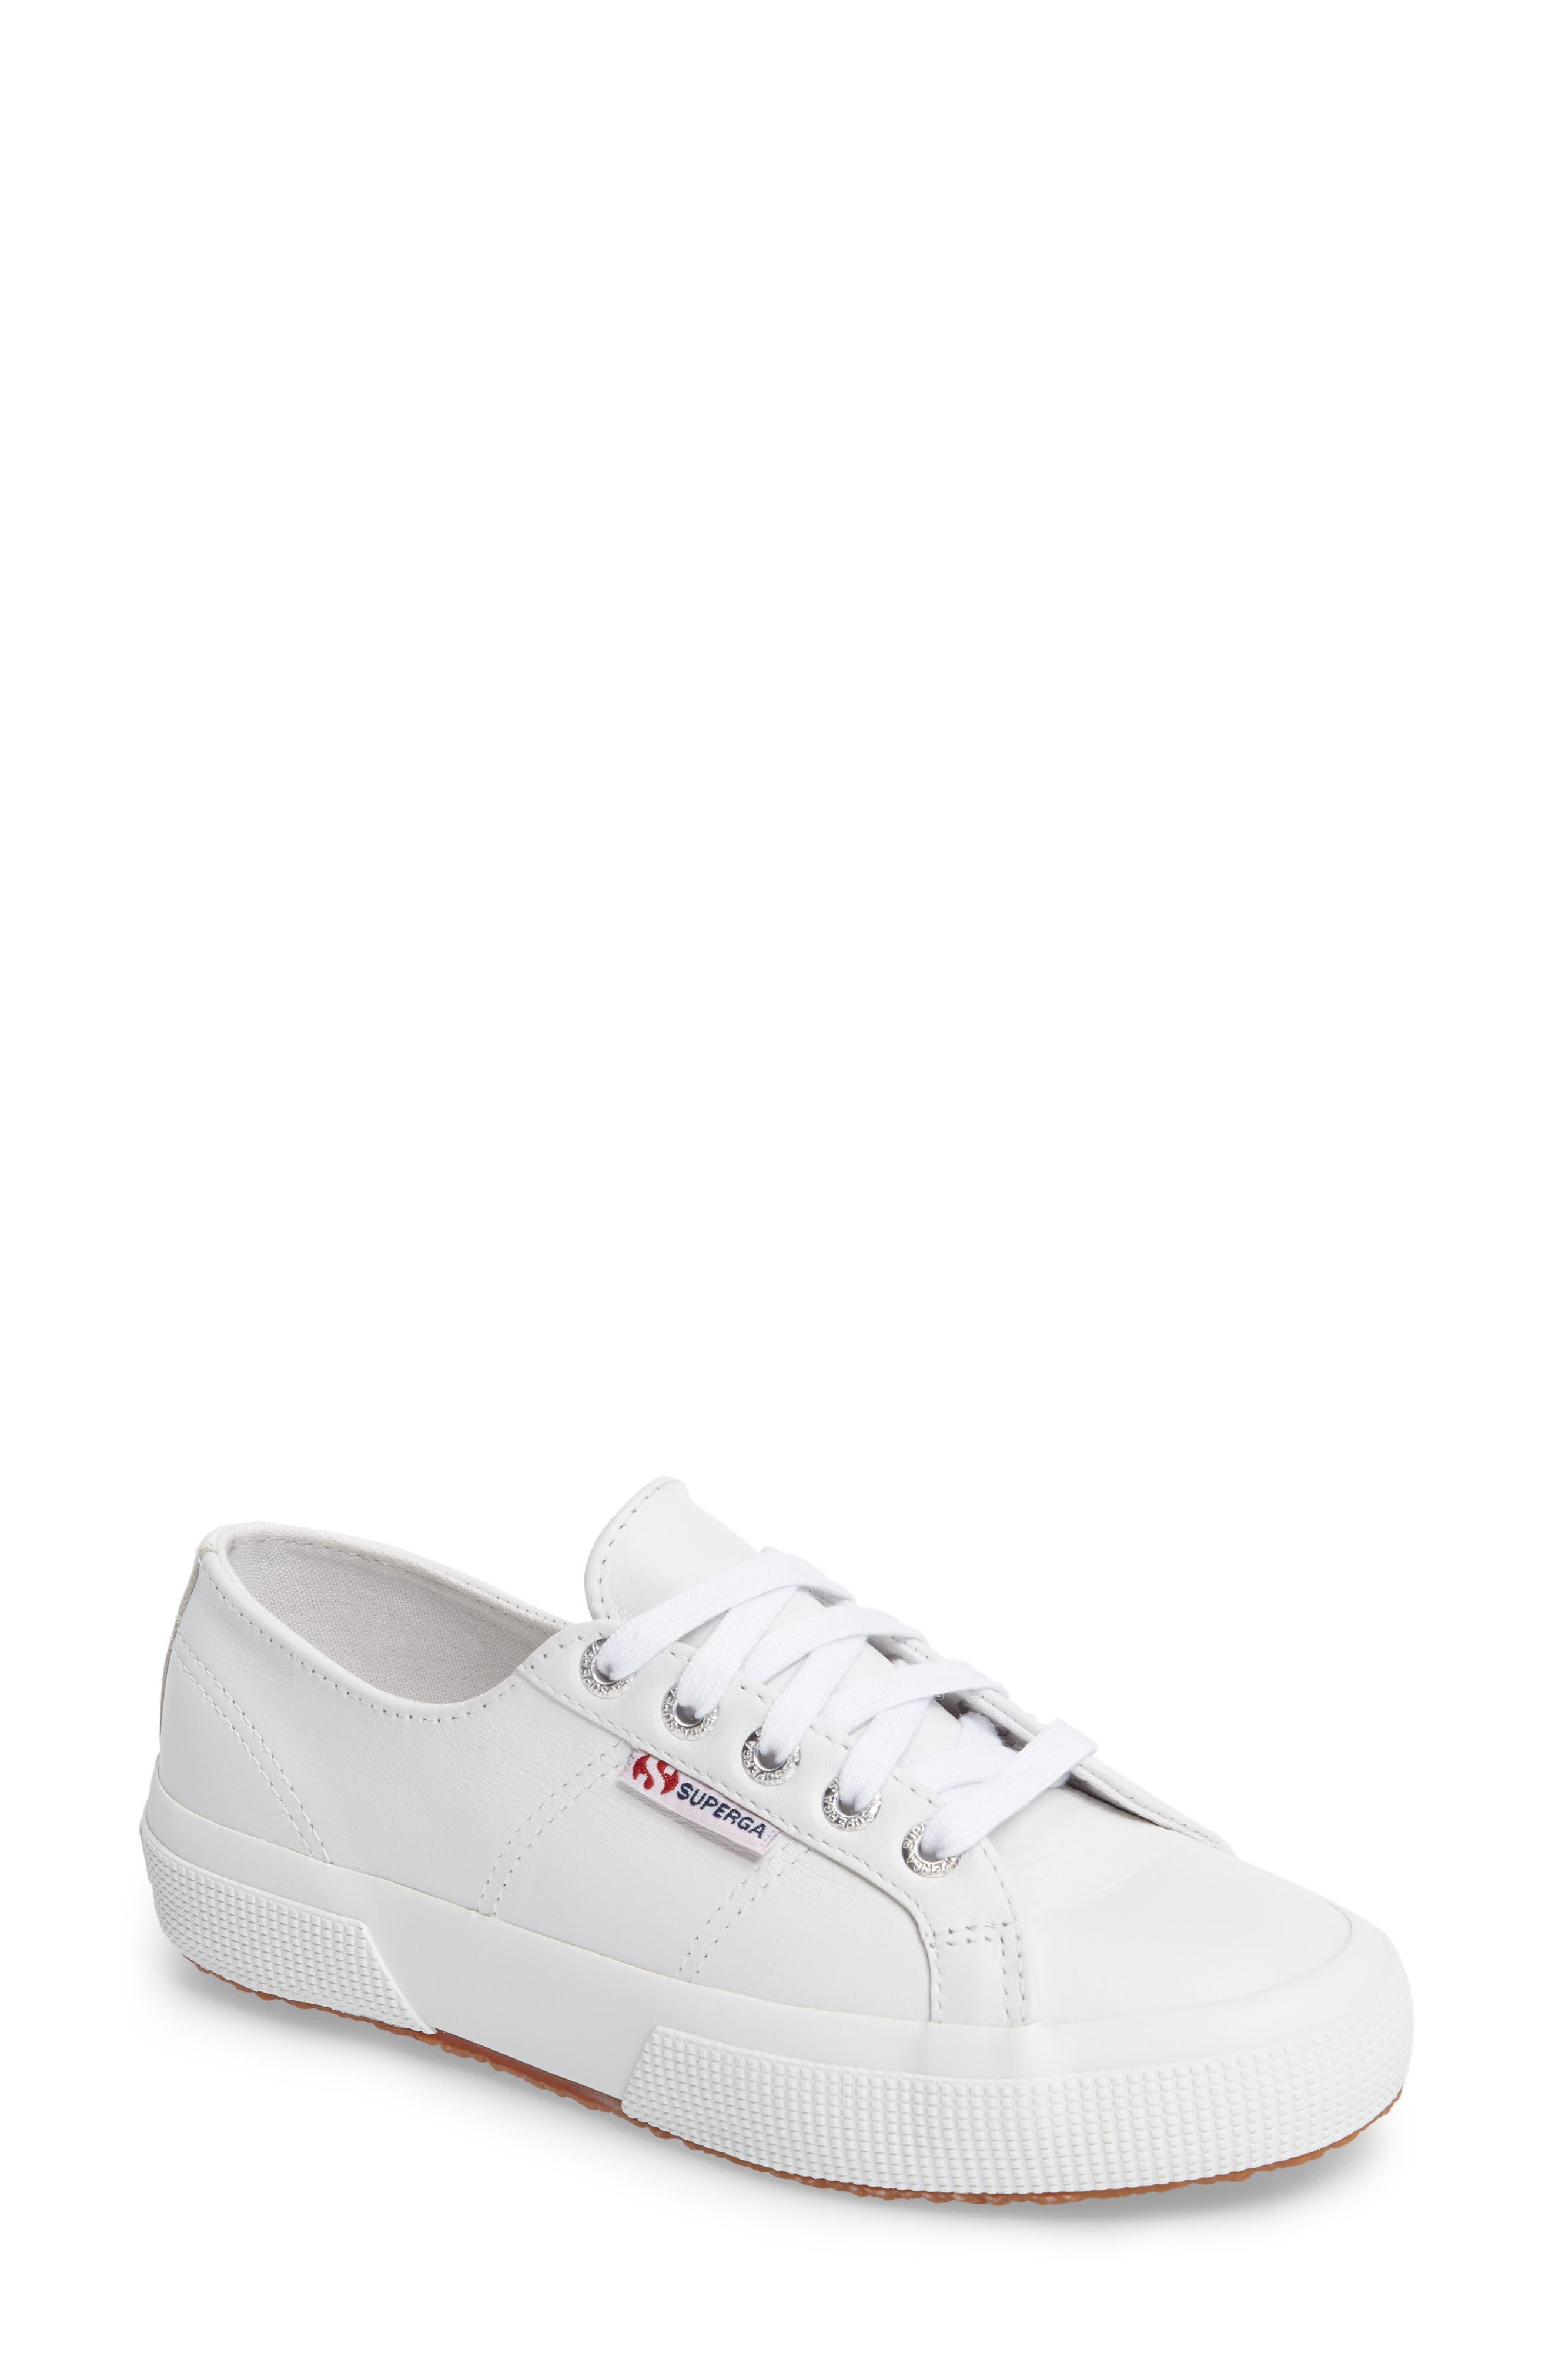 Superga 2750 Sneaker (Women)